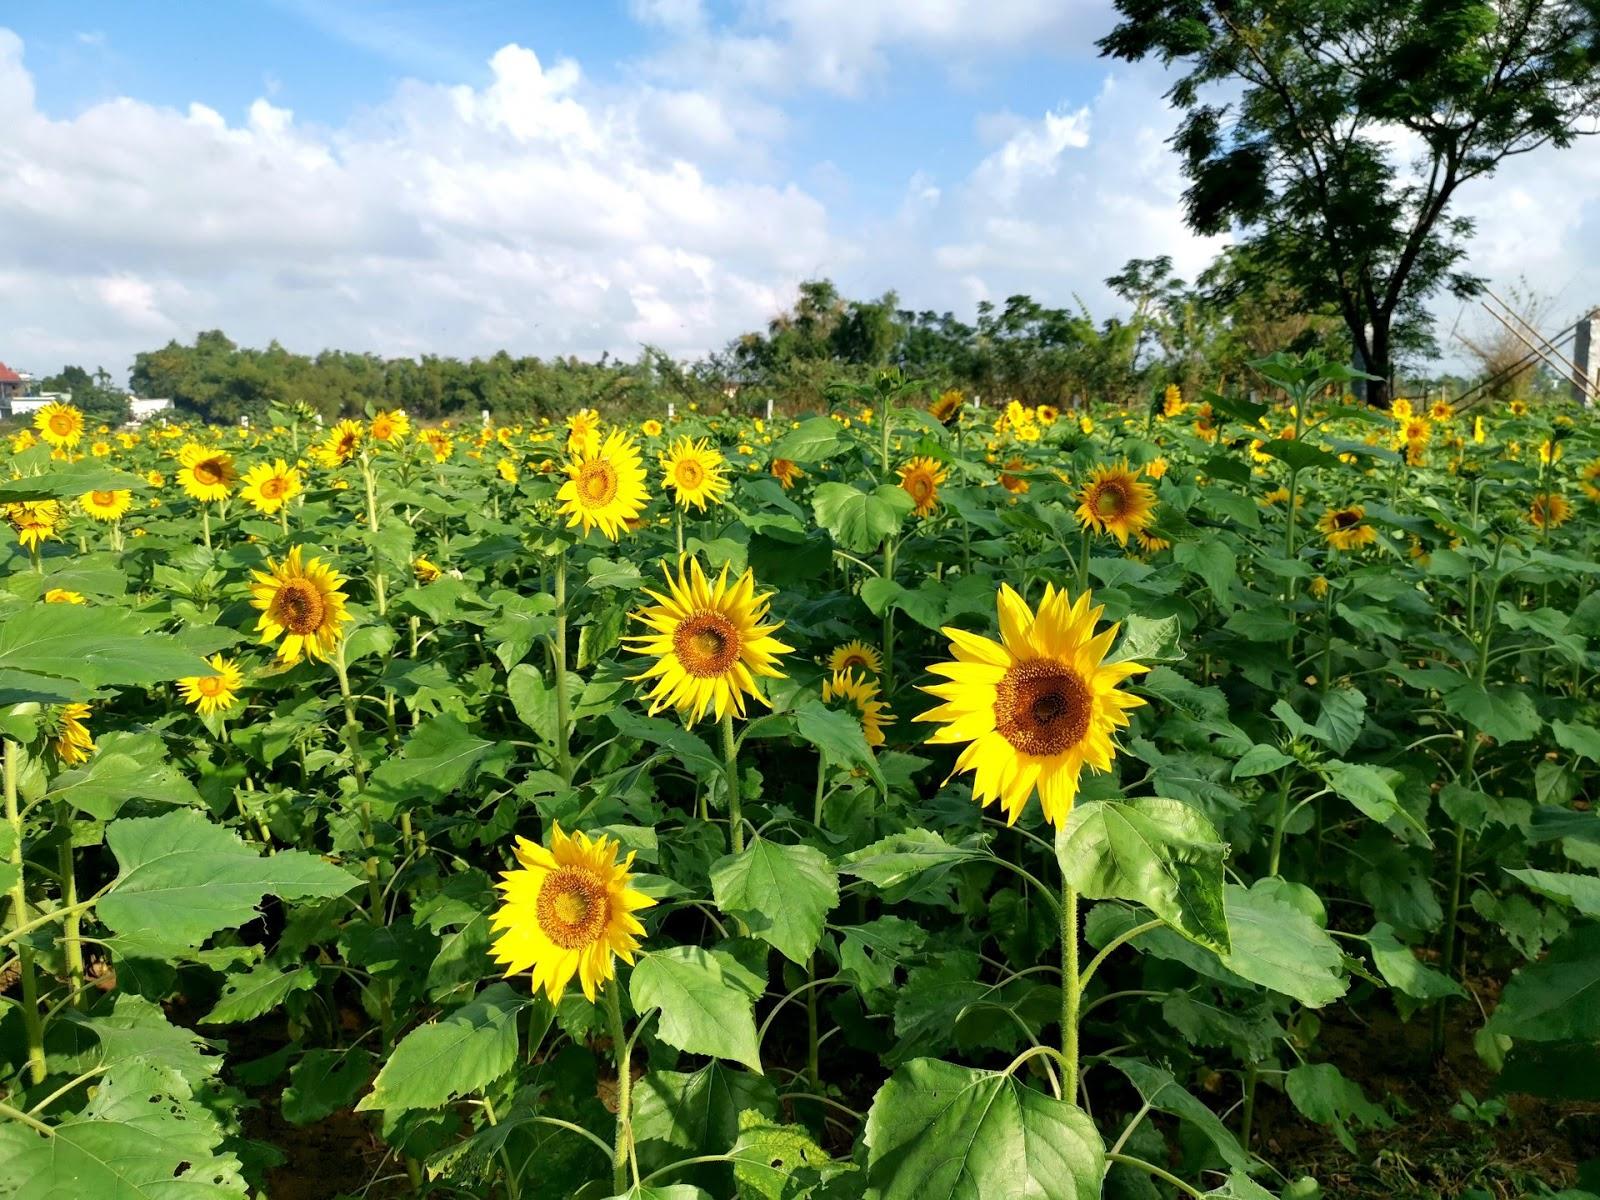 Địa chỉ vườn hoa hướng dương, hoa cánh bướm tại Quảng Nam, Đà Nẵng